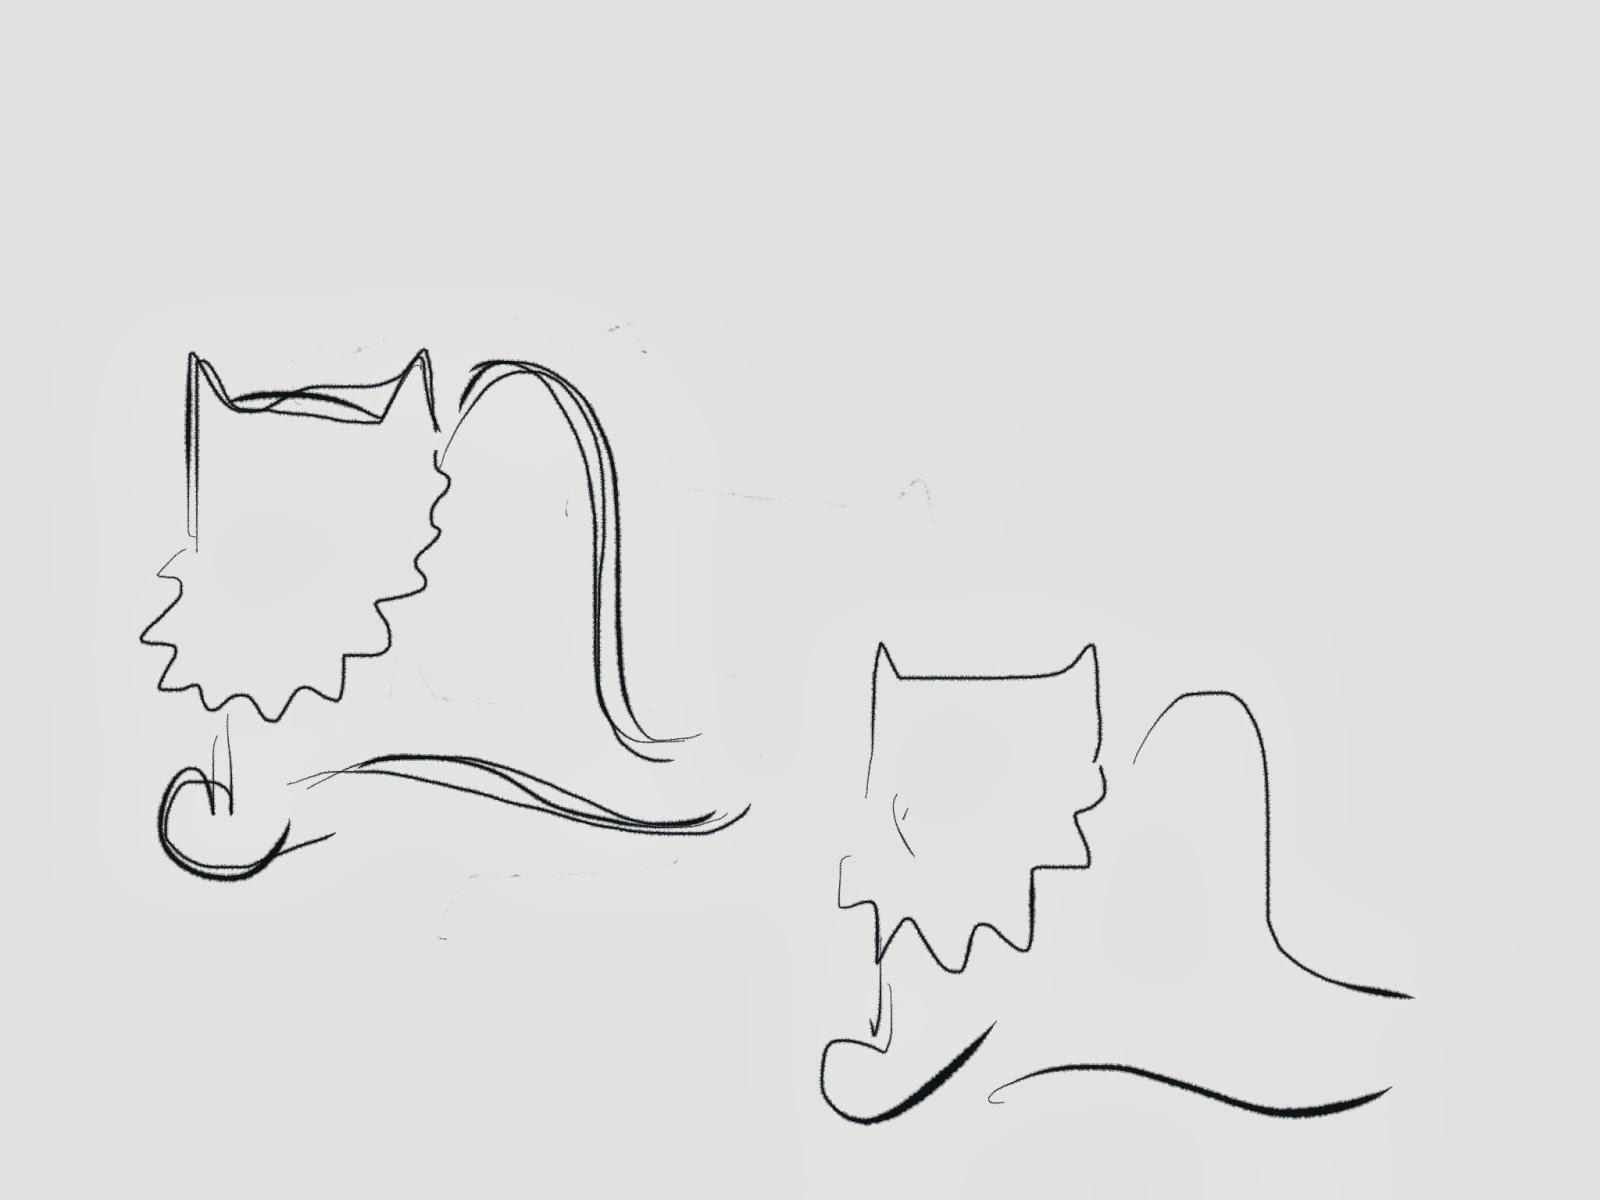 OCA Illustration 1: Visual distortion